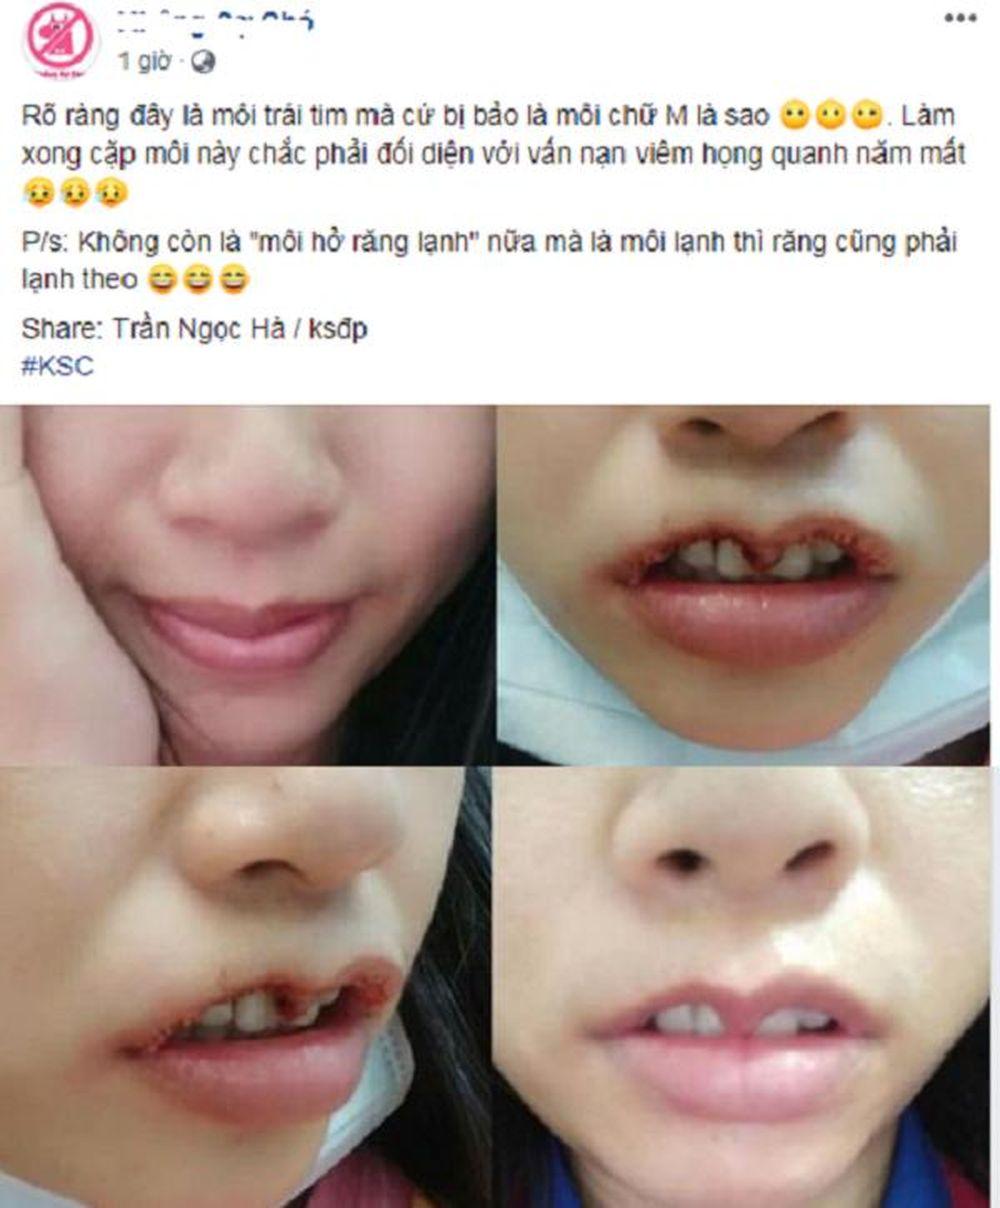 Hình ảnh trước và sau khi cắt môi trái tim của cô gái trẻ vừa hài hước vừa đáng thương.